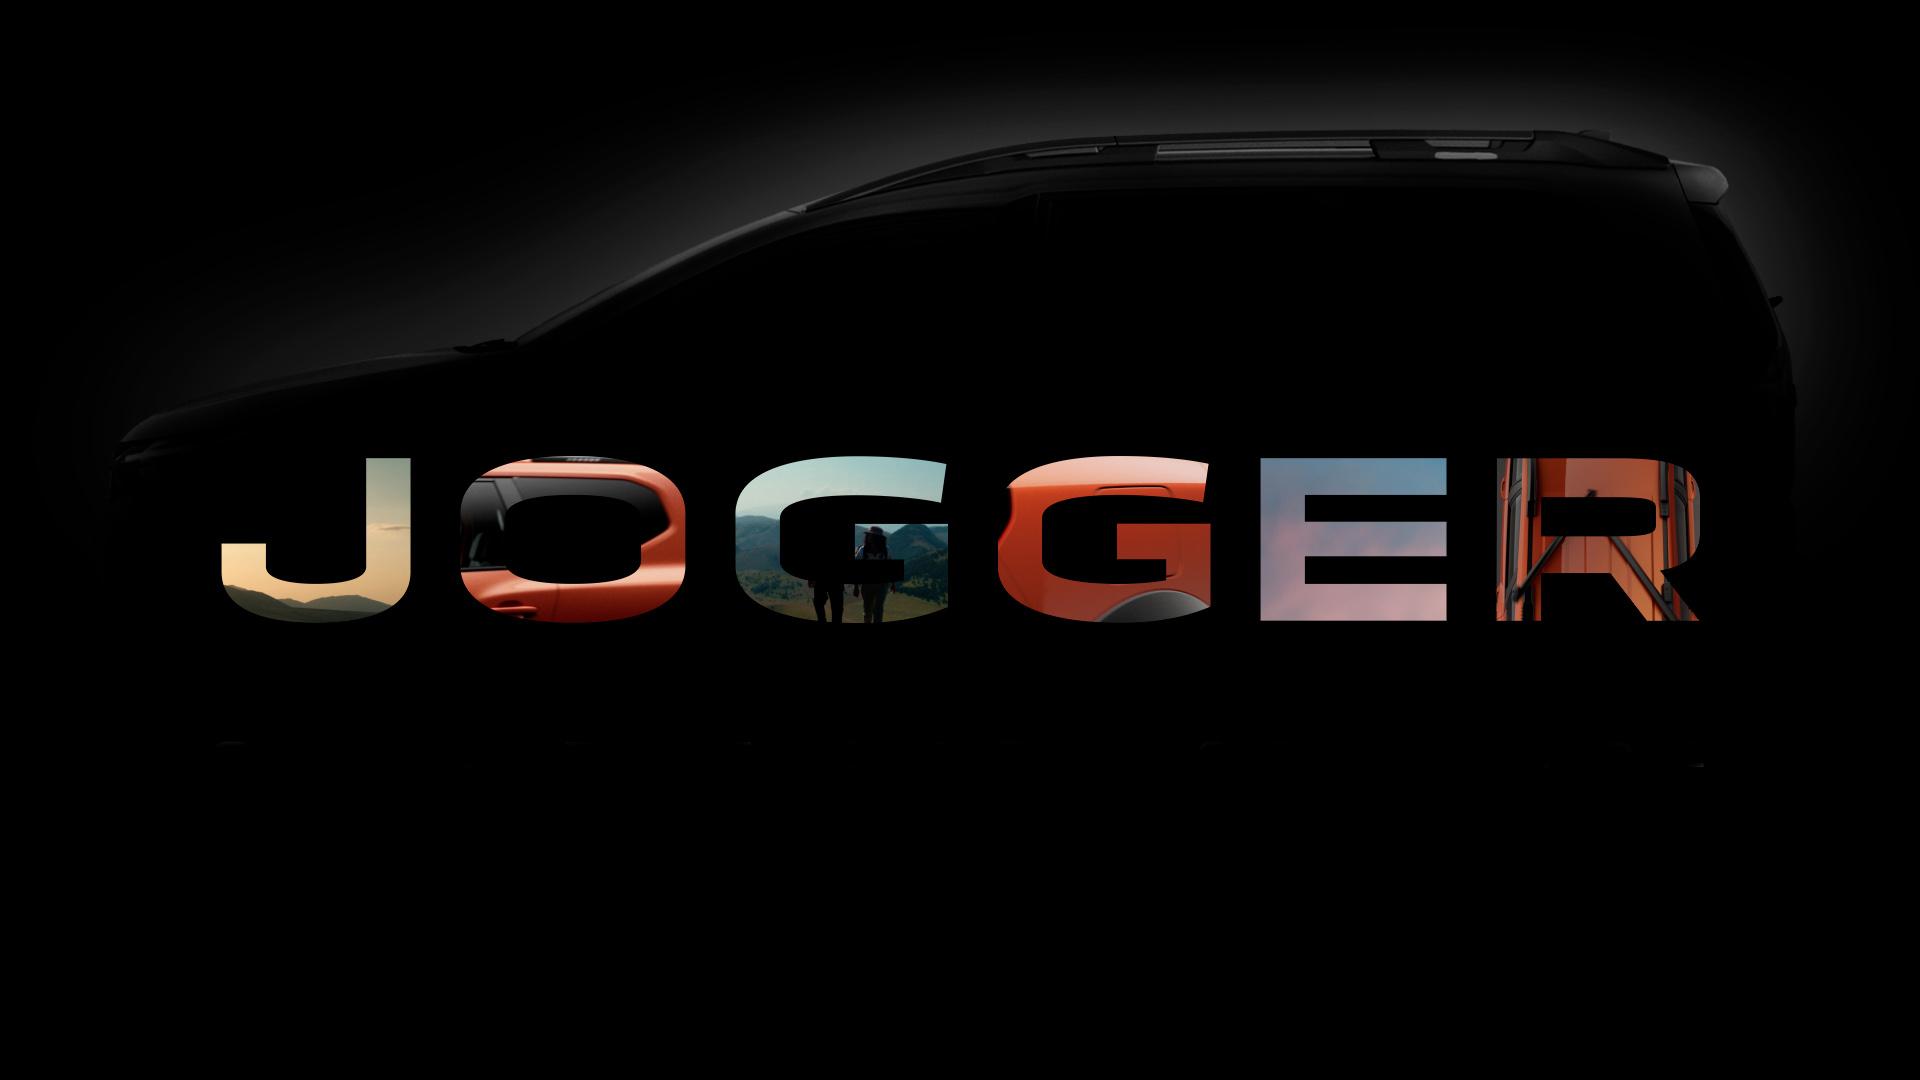 Jogger je novi Dacia model koji će biti dostupan i sa 7 sjedala